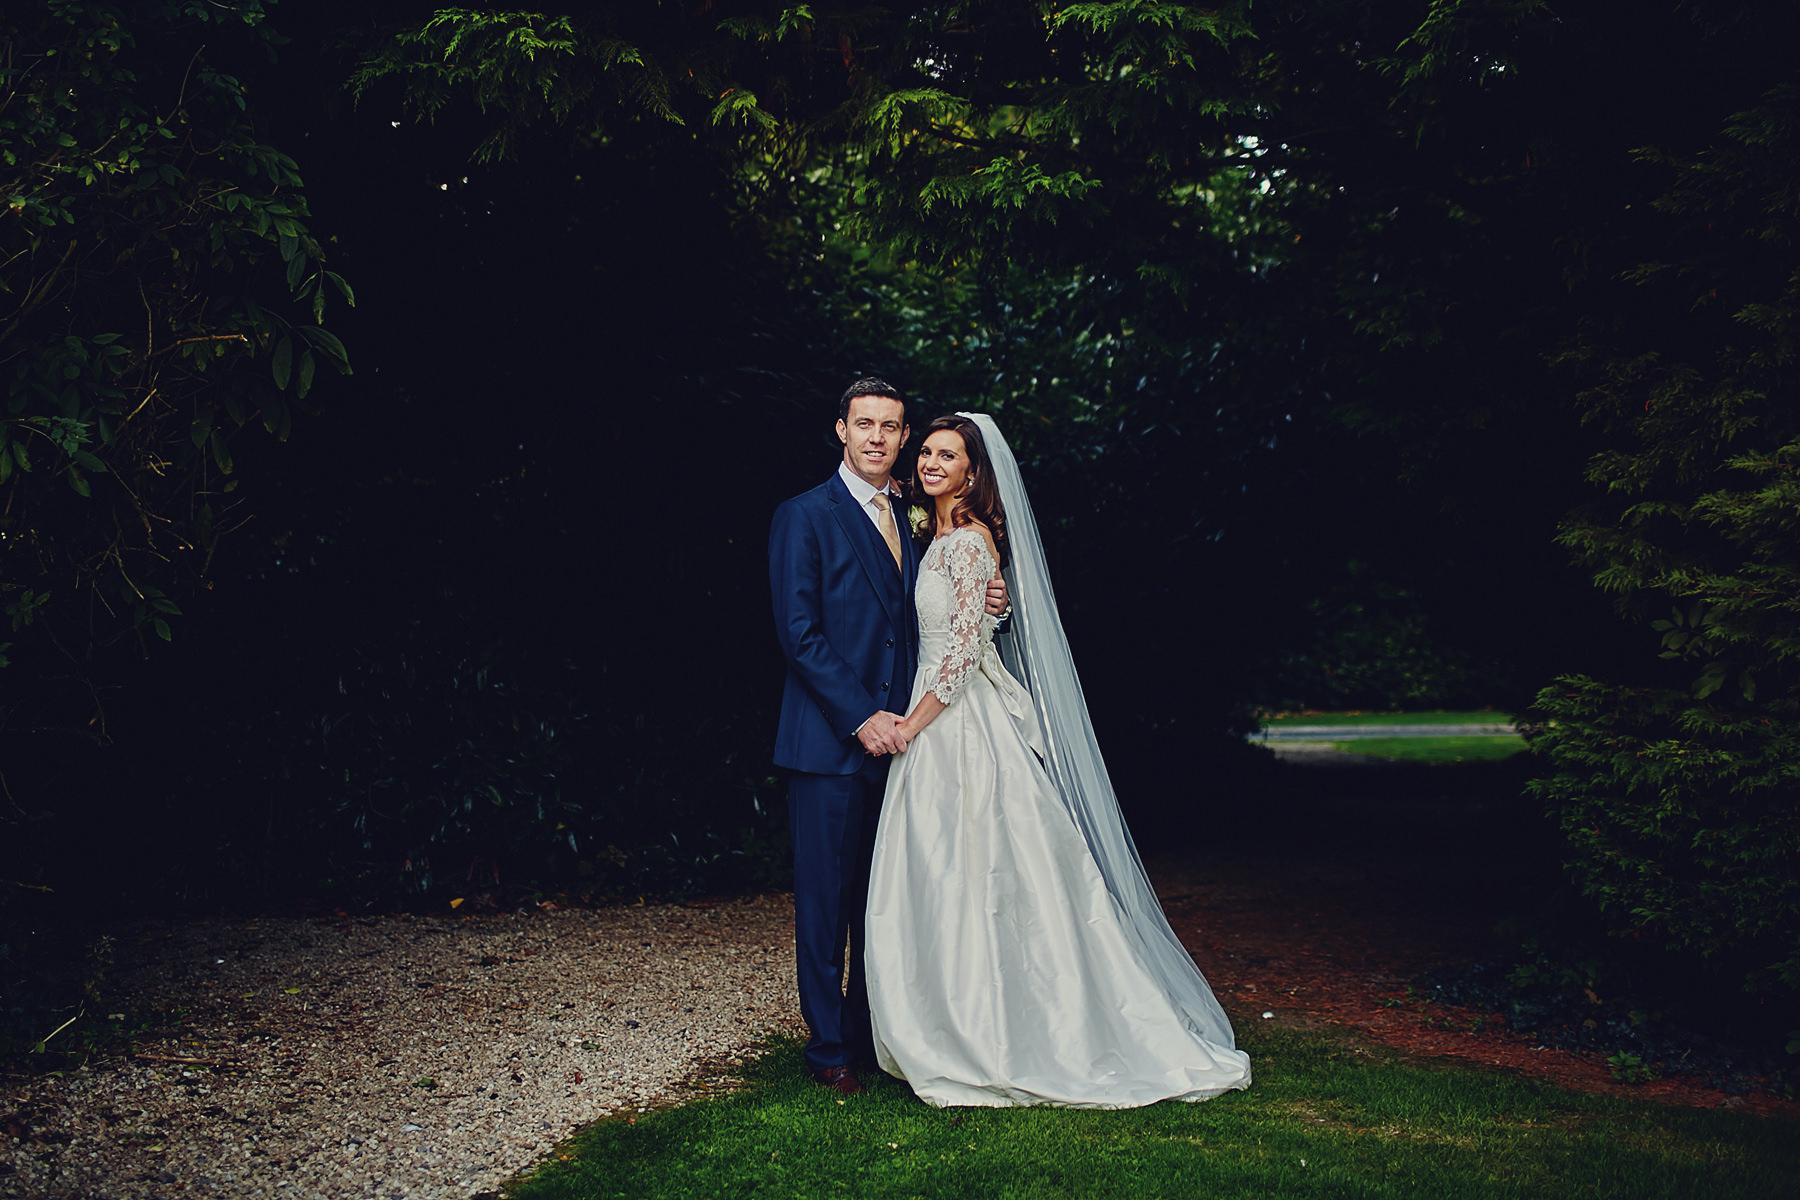 Dunboyne Castle wedding photos